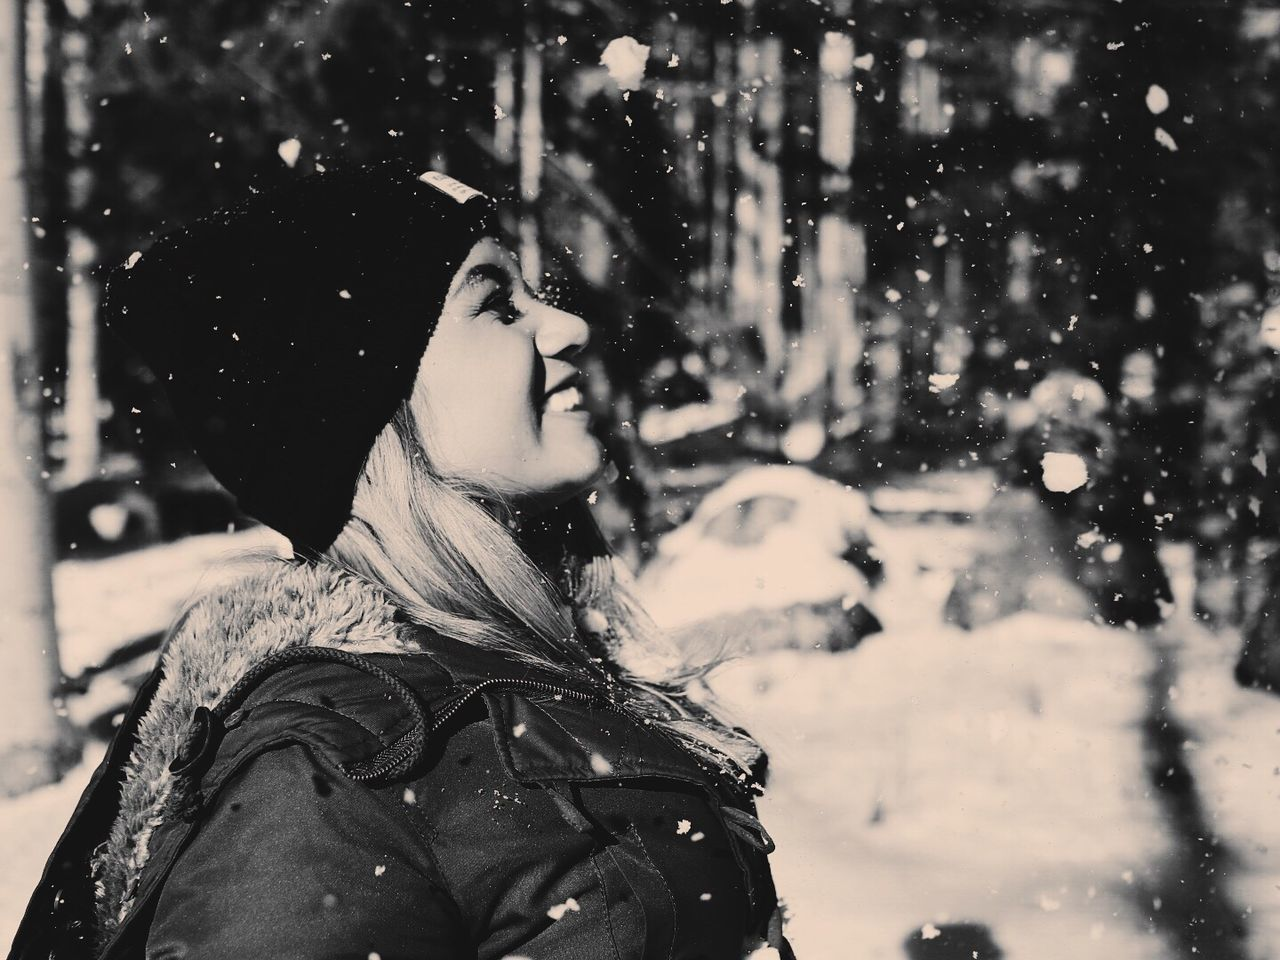 Snow Winter Season  Cold Temperature Nature